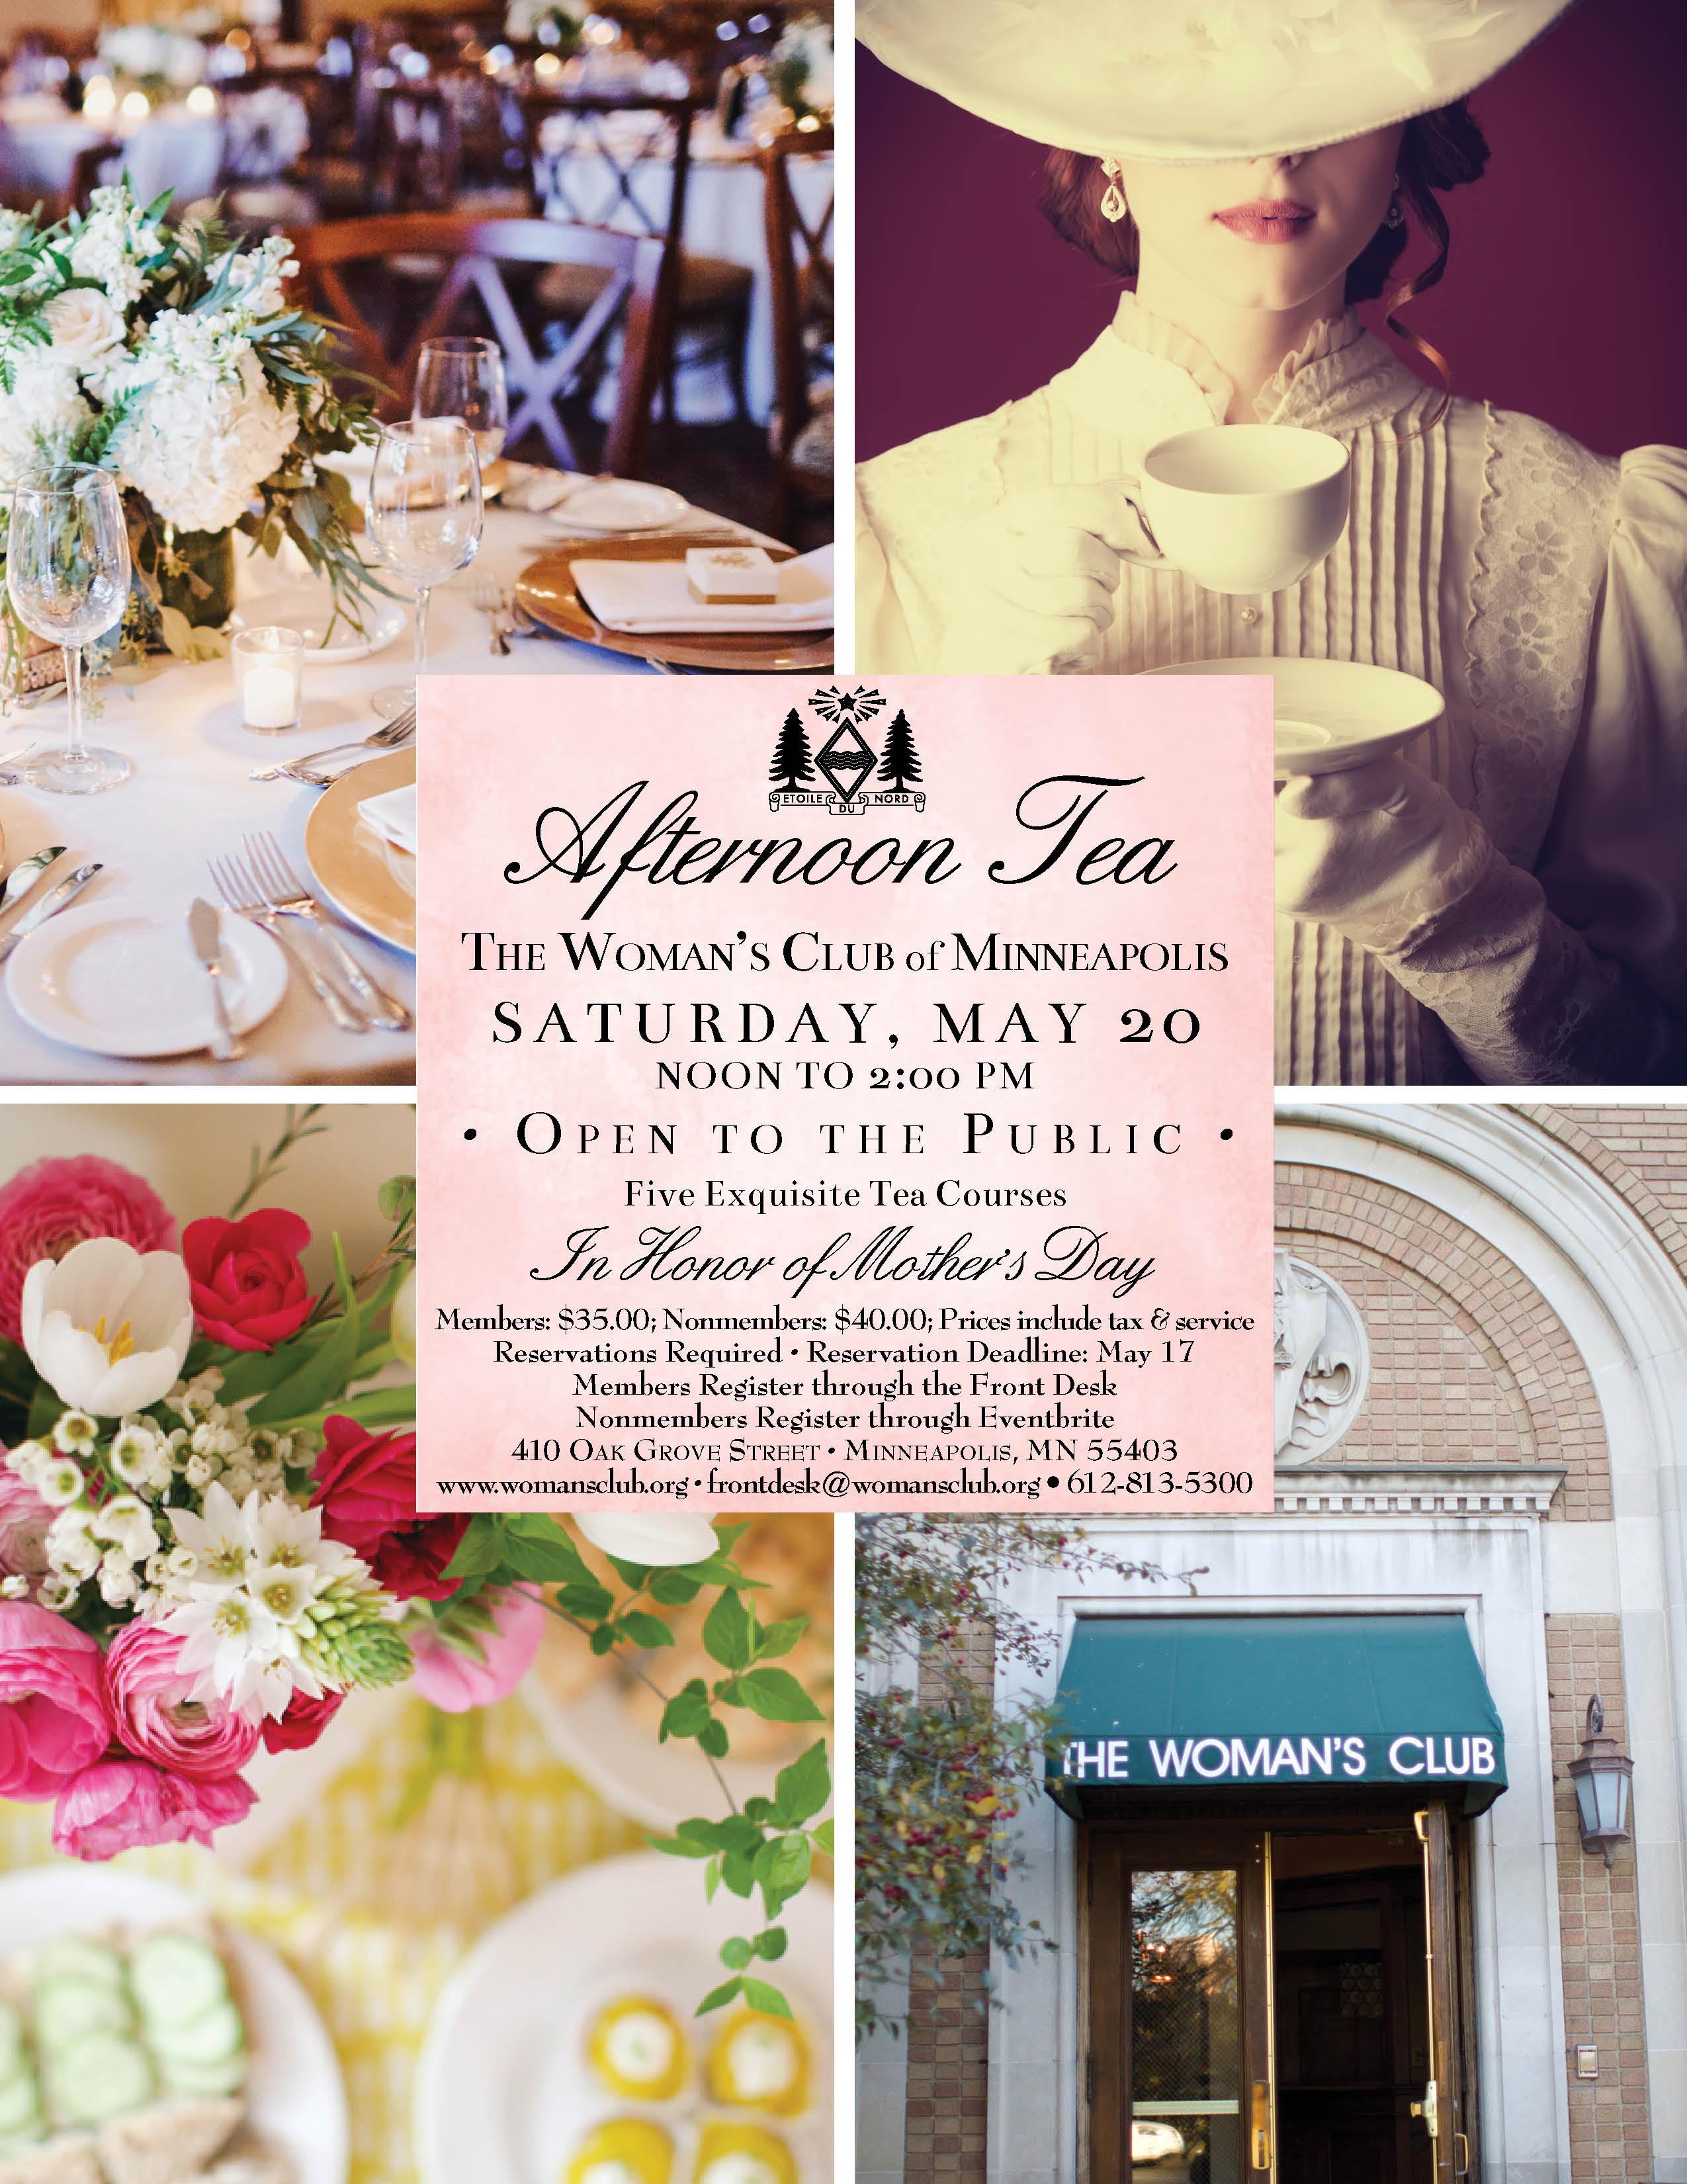 Saturday Afternoon Tea, May 20